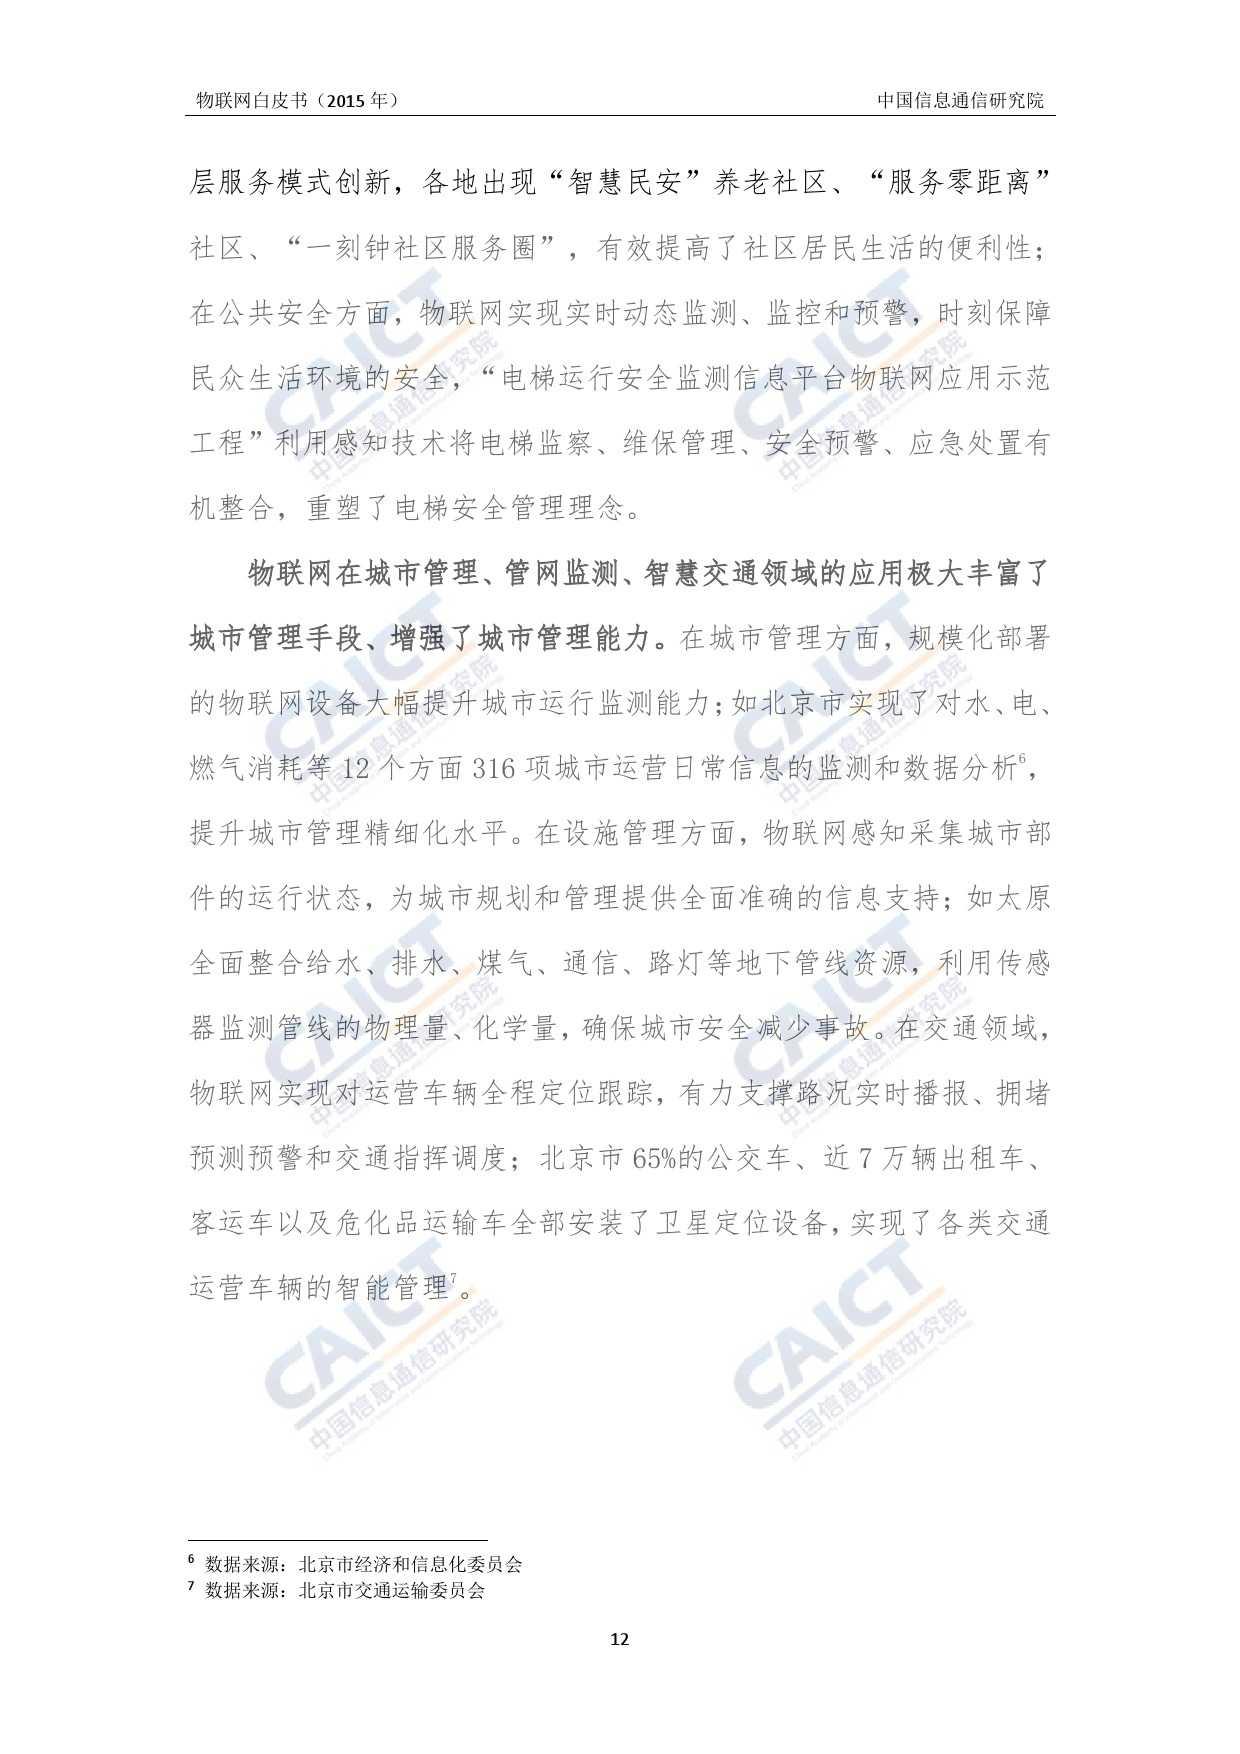 中国信息通信研究院:2015年物联网白皮书_000016